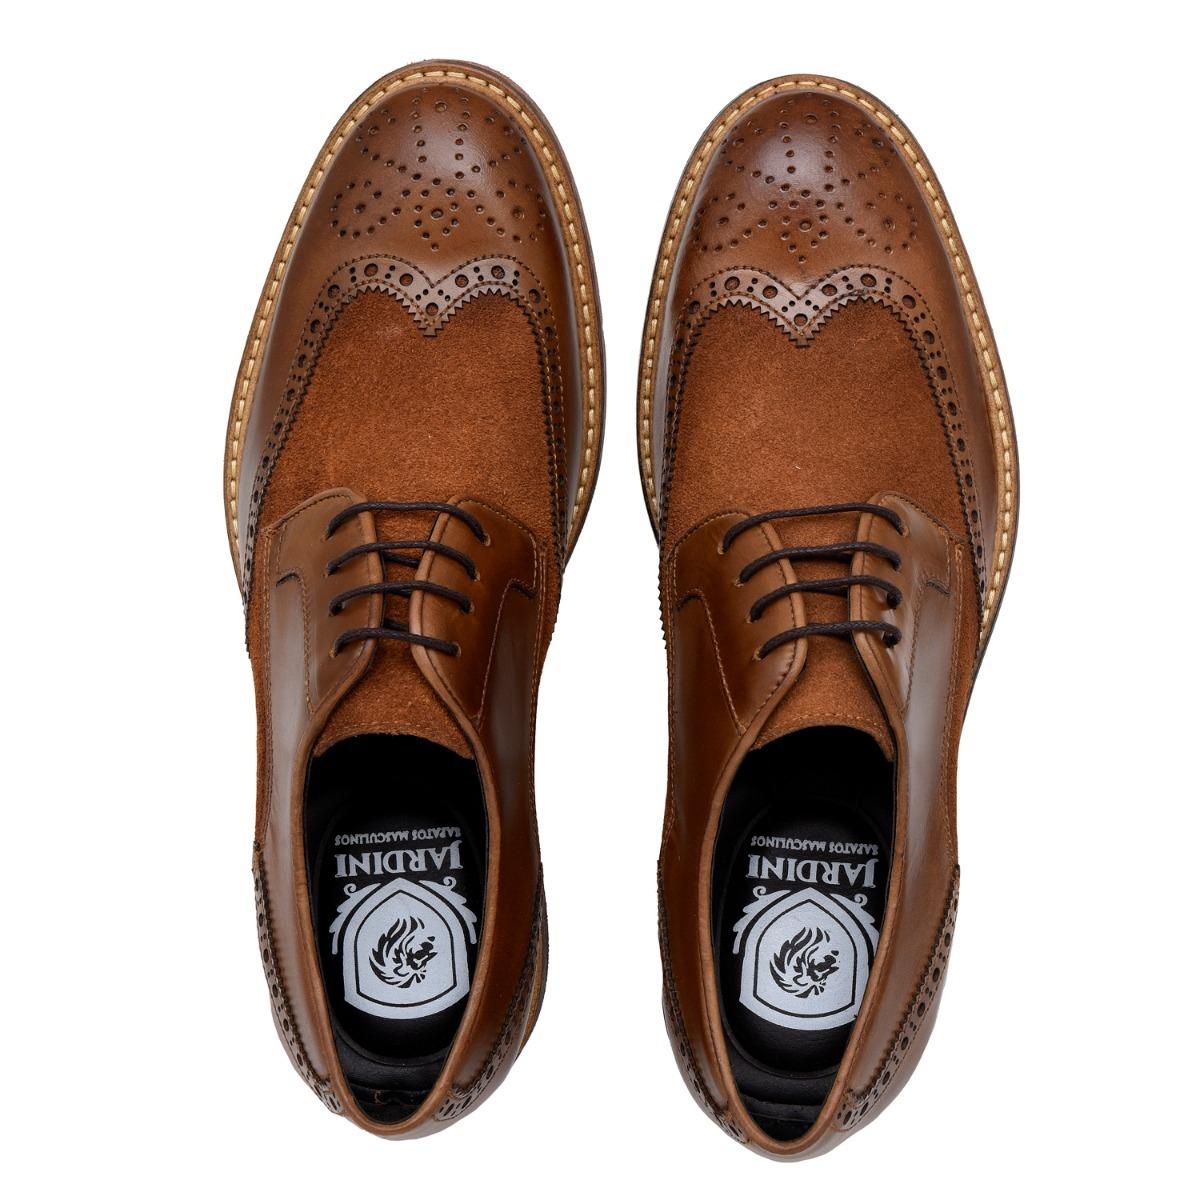 e9dfa4998a jardini sapatos sociais masculino mod 69735c. Carregando zoom.